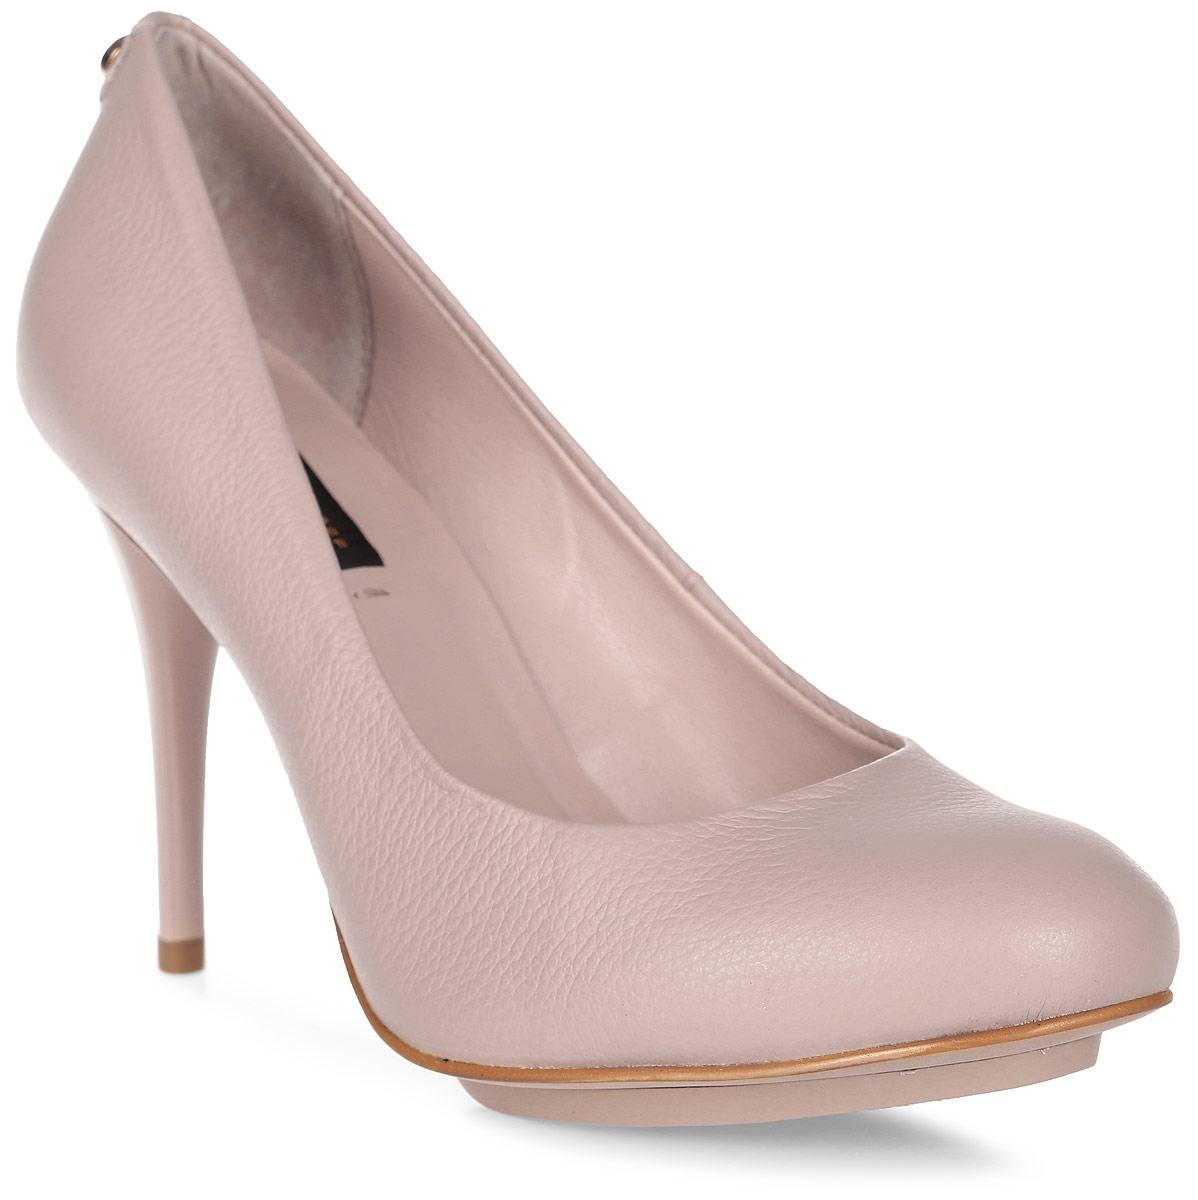 Туфли женские Jorge Bischoff, цвет: бежевый. 15210-3-00102/80С Q. Размер 4015210-3-00102/80С QЭлегантные женские туфли от Jorge Bischoff выполнены из натуральной кожи. Закругленный носок смотрится невероятно женственно. Внутренняя поверхность и стелька исполнены из мягкой натуральной кожи. Подошва изготовлена из полимерного материала. Каблук-шпилька средней высоты устойчив. Подошва и каблук дополнены рифлением. Стильные и удобные туфли - незаменимая вещь в гардеробе современной женщины.